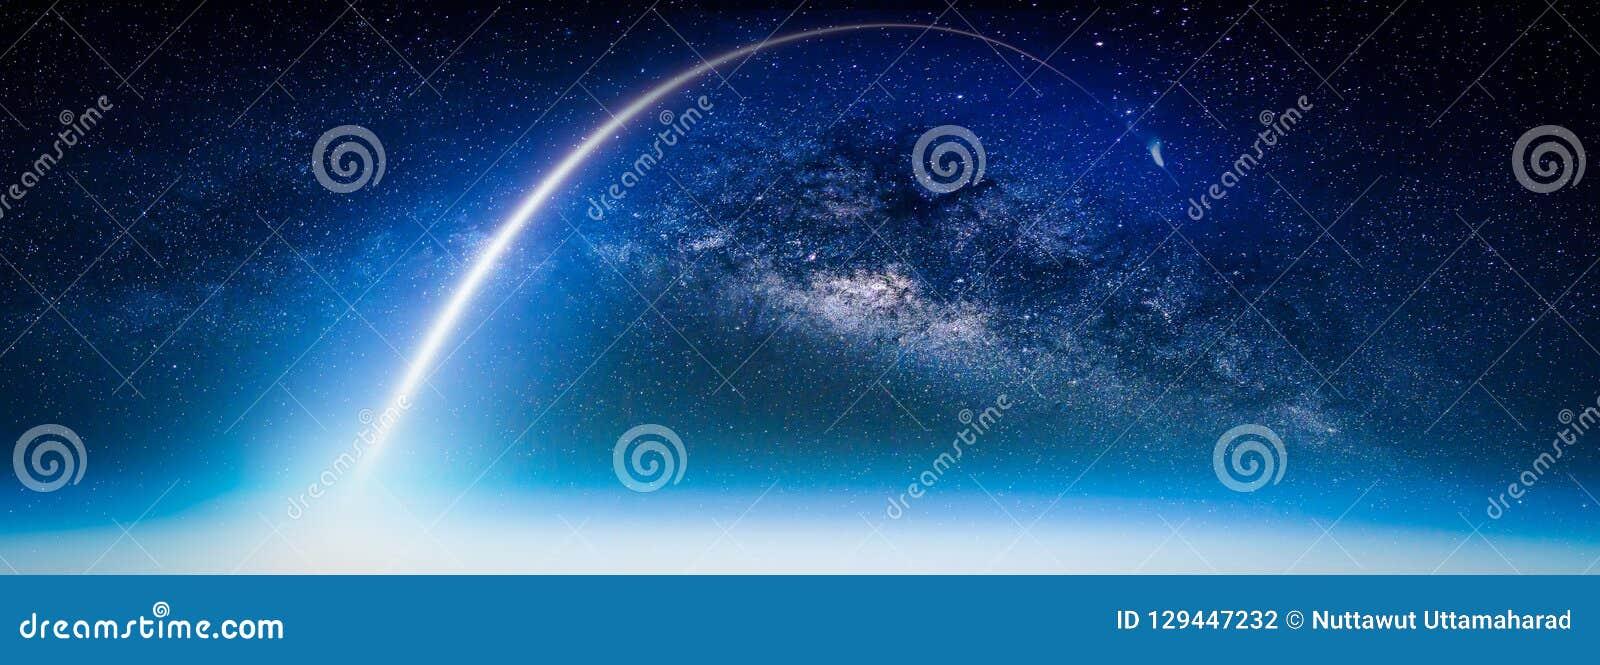 Paesaggio con la galassia della Via Lattea Vista della terra da spazio con latte